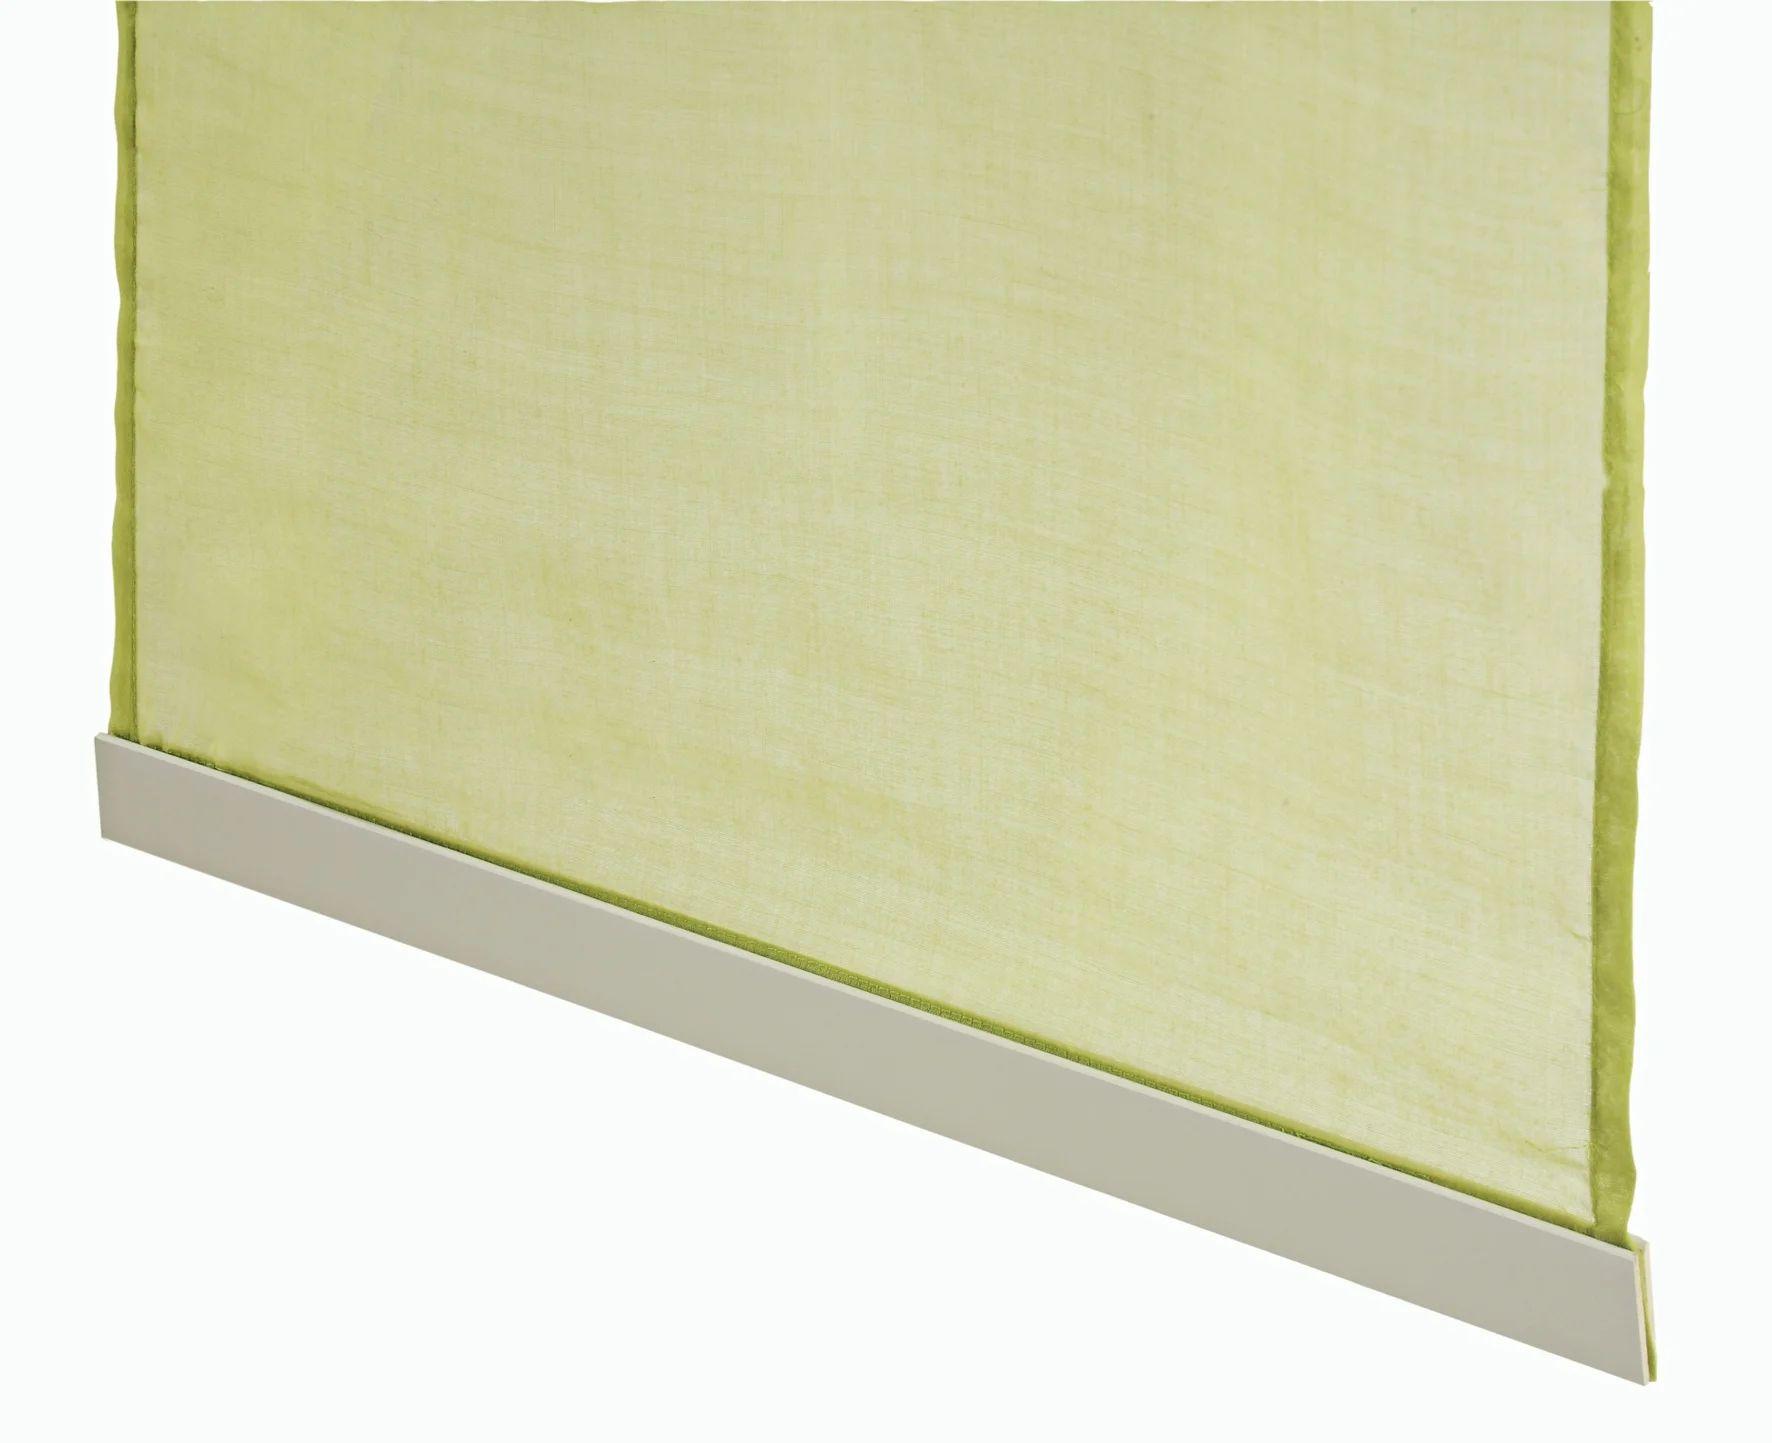 Barre De Lestage Pour Panneau Japonais Aluminium Blanc L 50 Cm Leroy Merlin